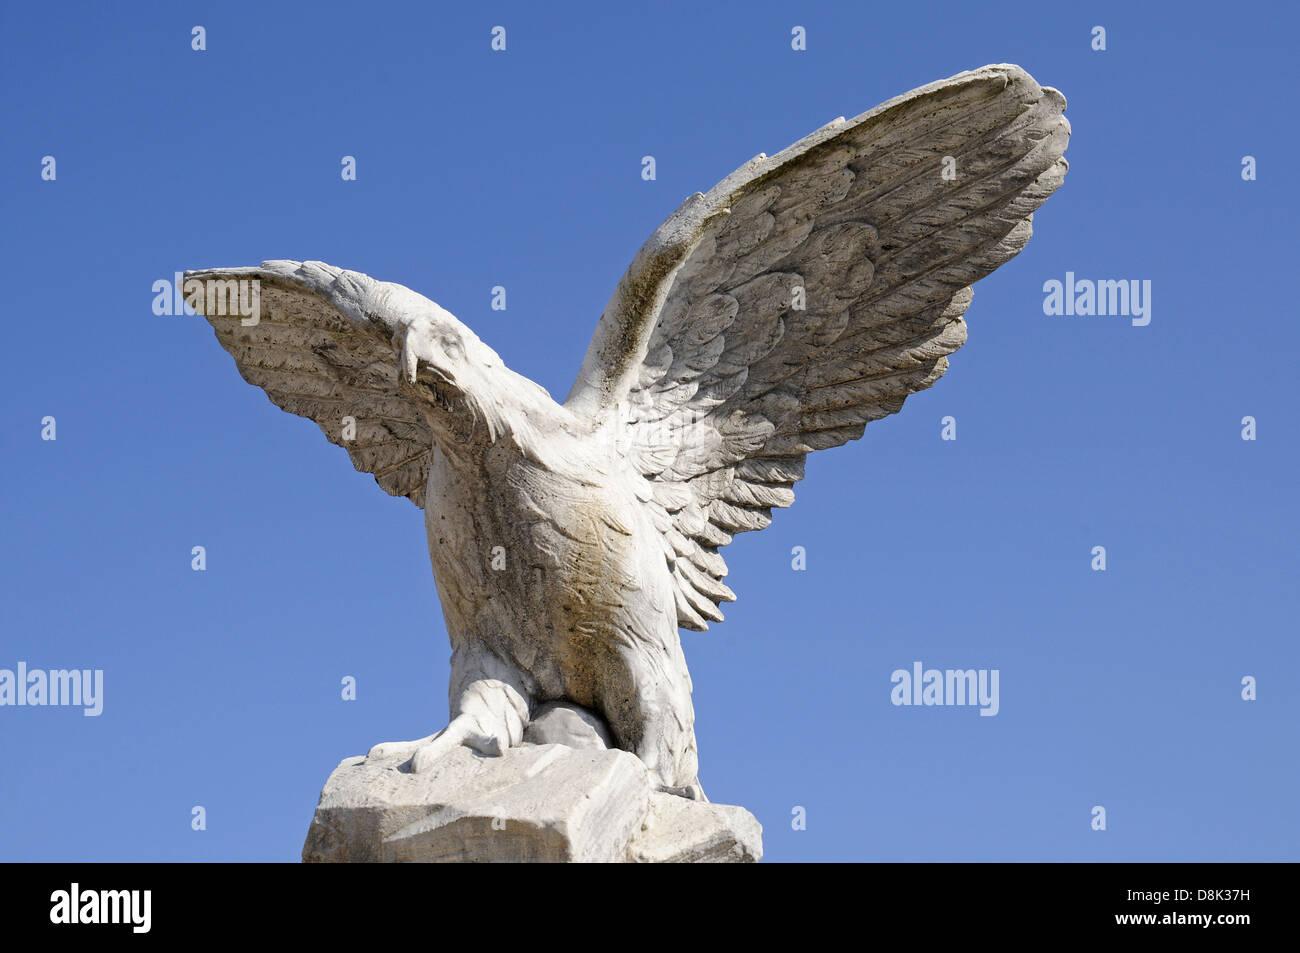 Eagle - Stock Image